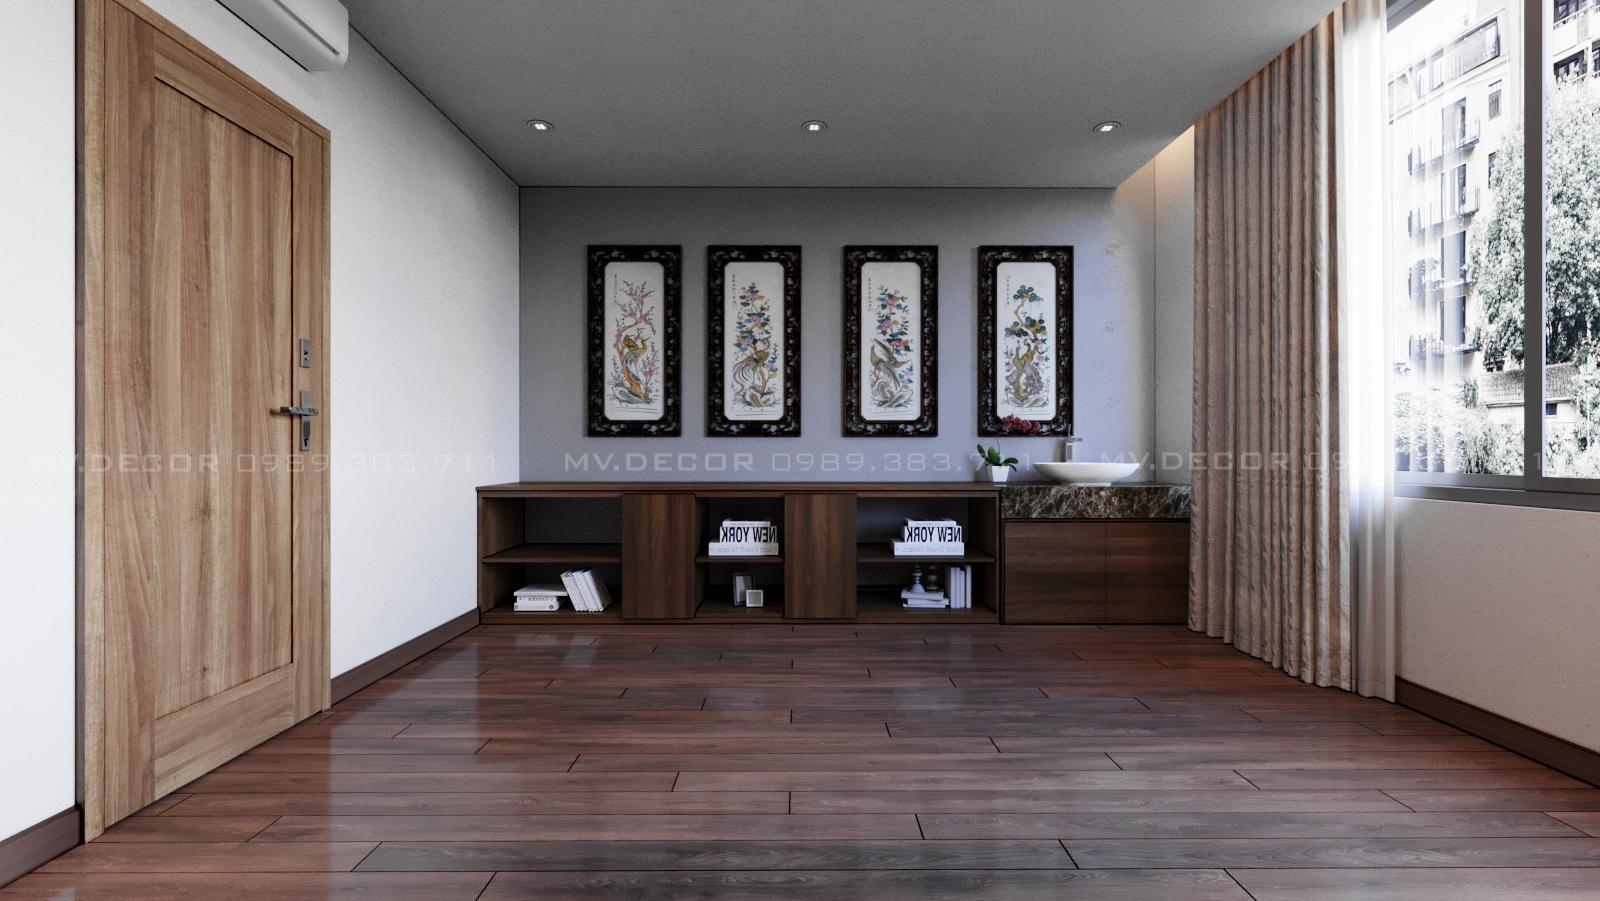 thiết kế nội thất Nhà Mặt Phố tại Hà Nội NHÀ Ở GIA ĐÌNH HÀO NAM 34 1562719643